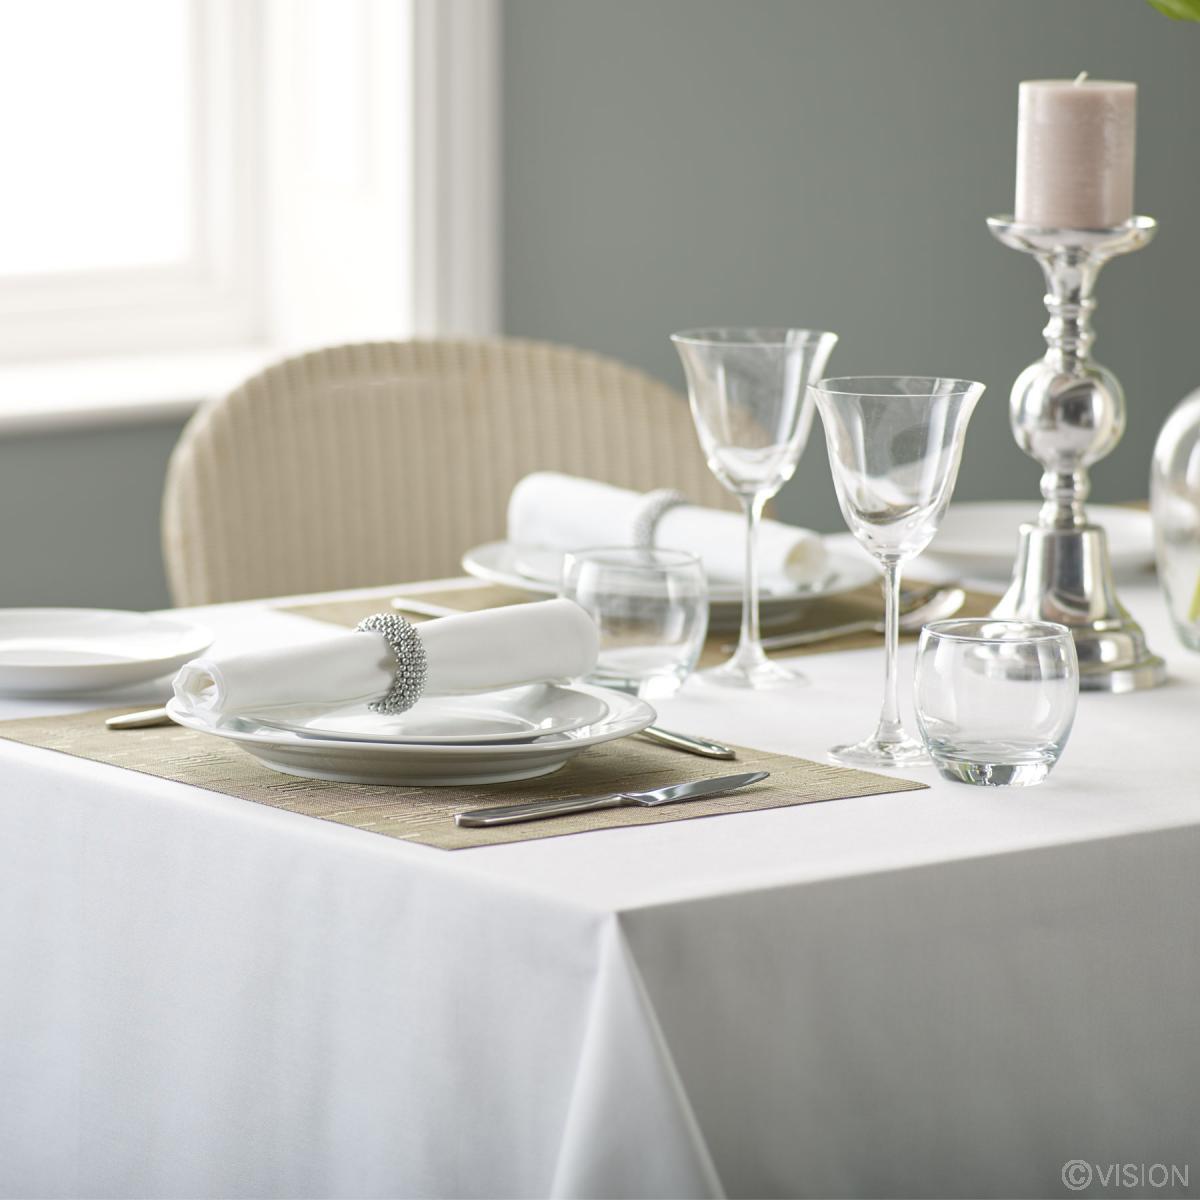 Buy Ex Restaurant Furniture